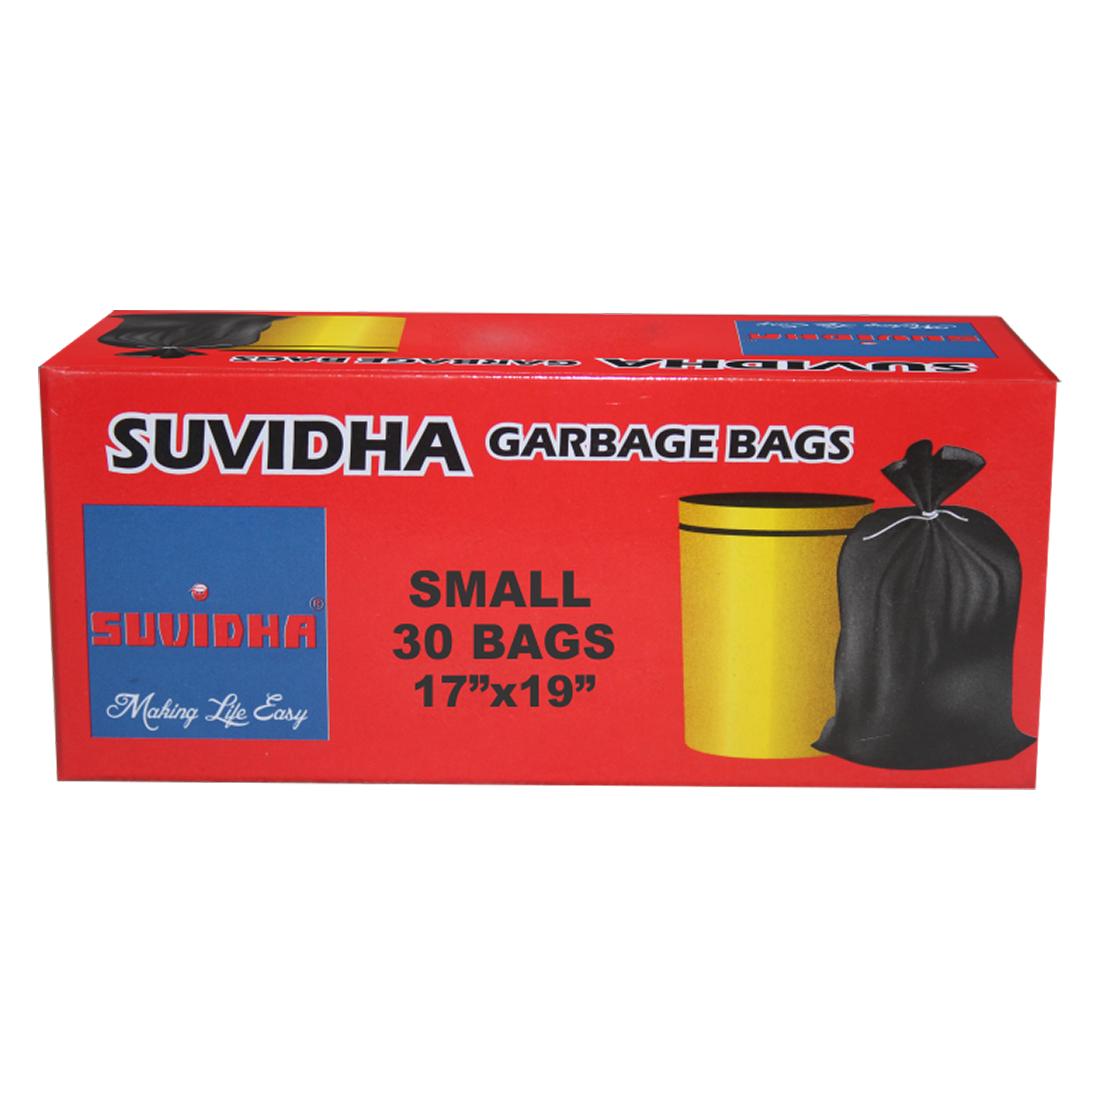 Suvidha Garbage Bag Size 17 X 19 30Bags